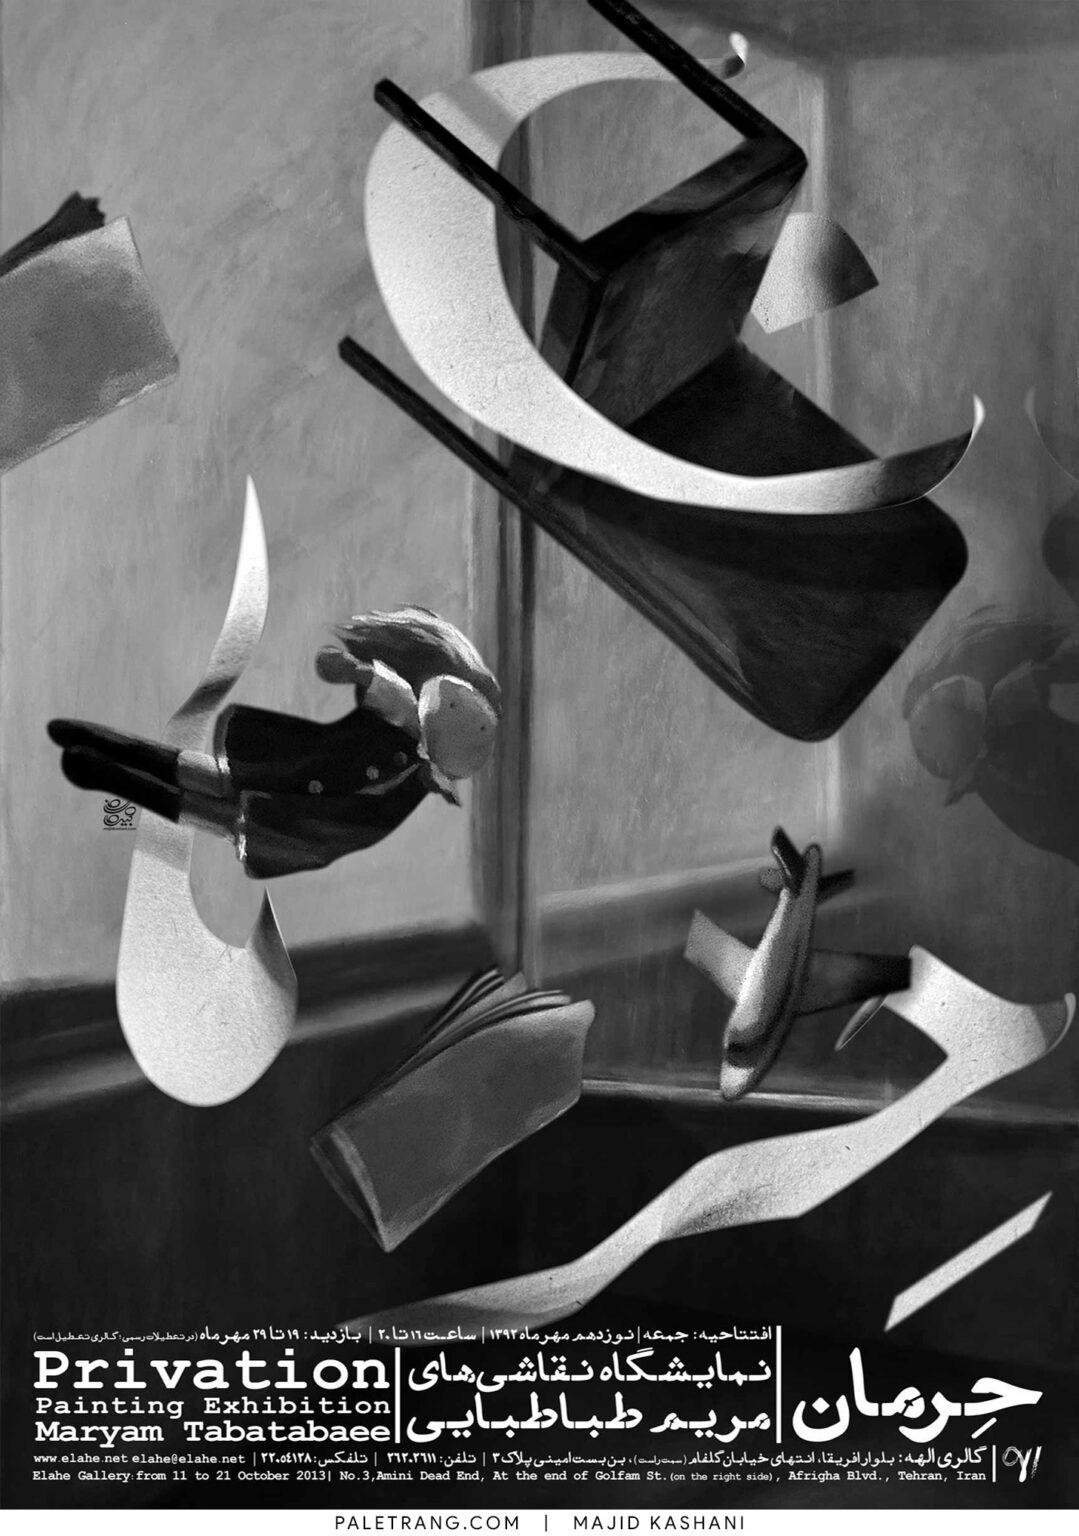 پوستر نمایشگاه نقاشی حرمان اثر مجید کاشانی